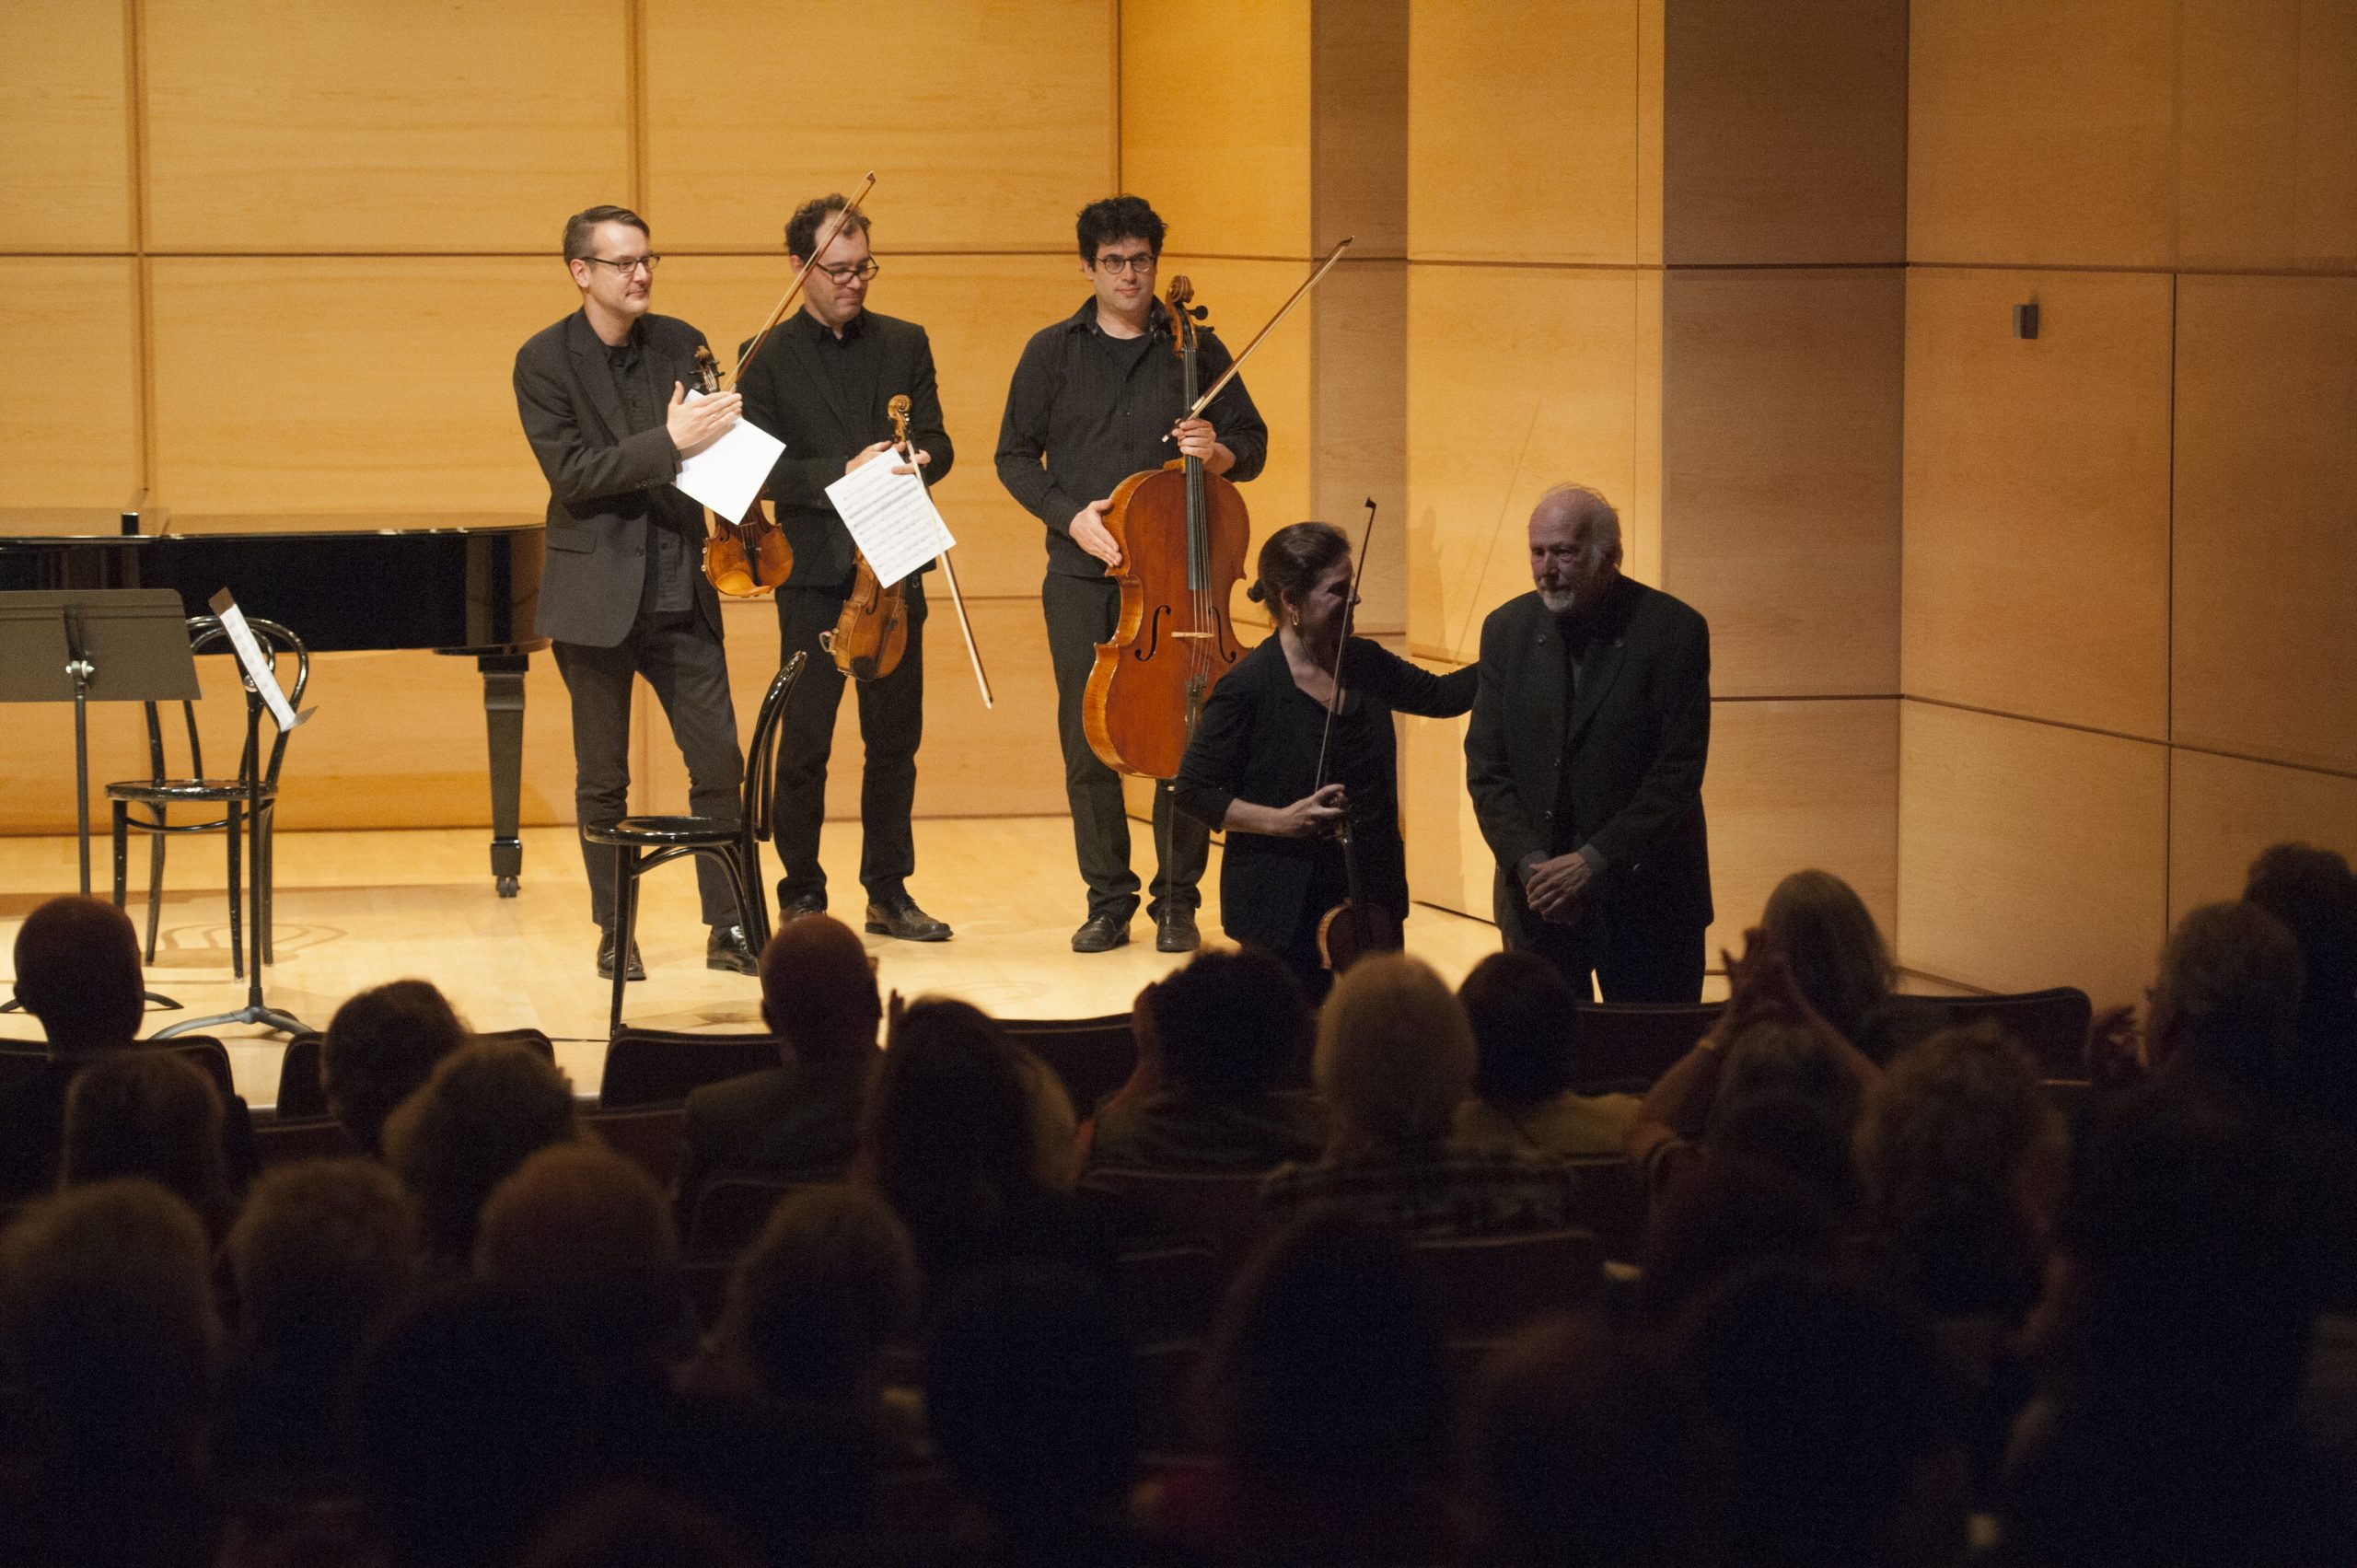 Le Quatuor Molinari présente le compositeur R. Murray Schafer après l'interprétation de son quatuor « Alzheimer's Masterpiece ». (crédit photo: Magalie Dagenais/2016)